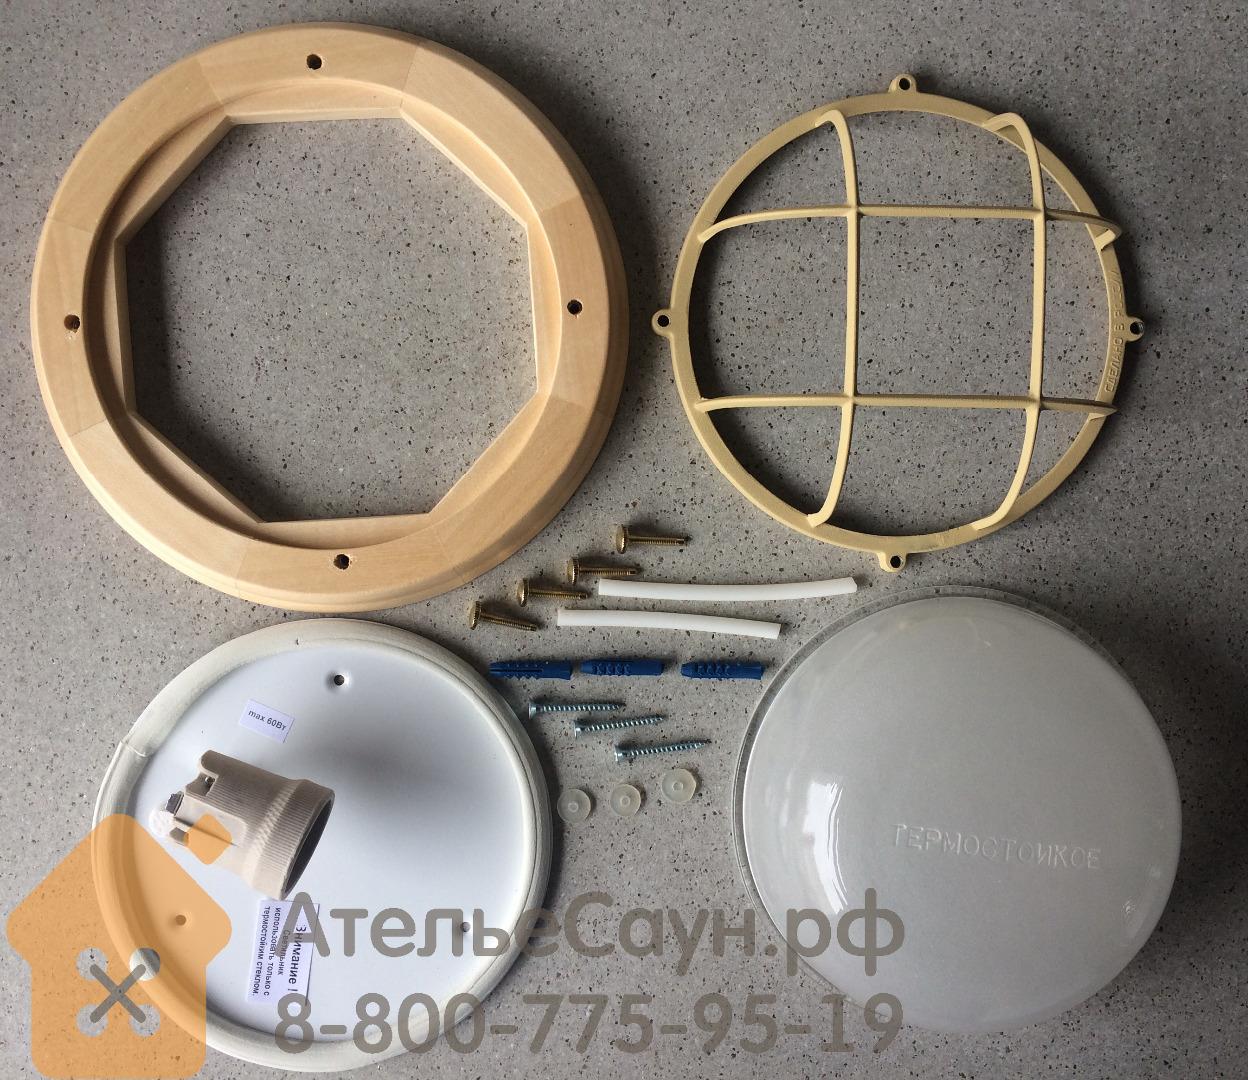 Светильник для бани ТЕРМА 3 1302 с решеткой (круглый, деревянный, до +120 С, IP65, арт. НББ 03-60-014)